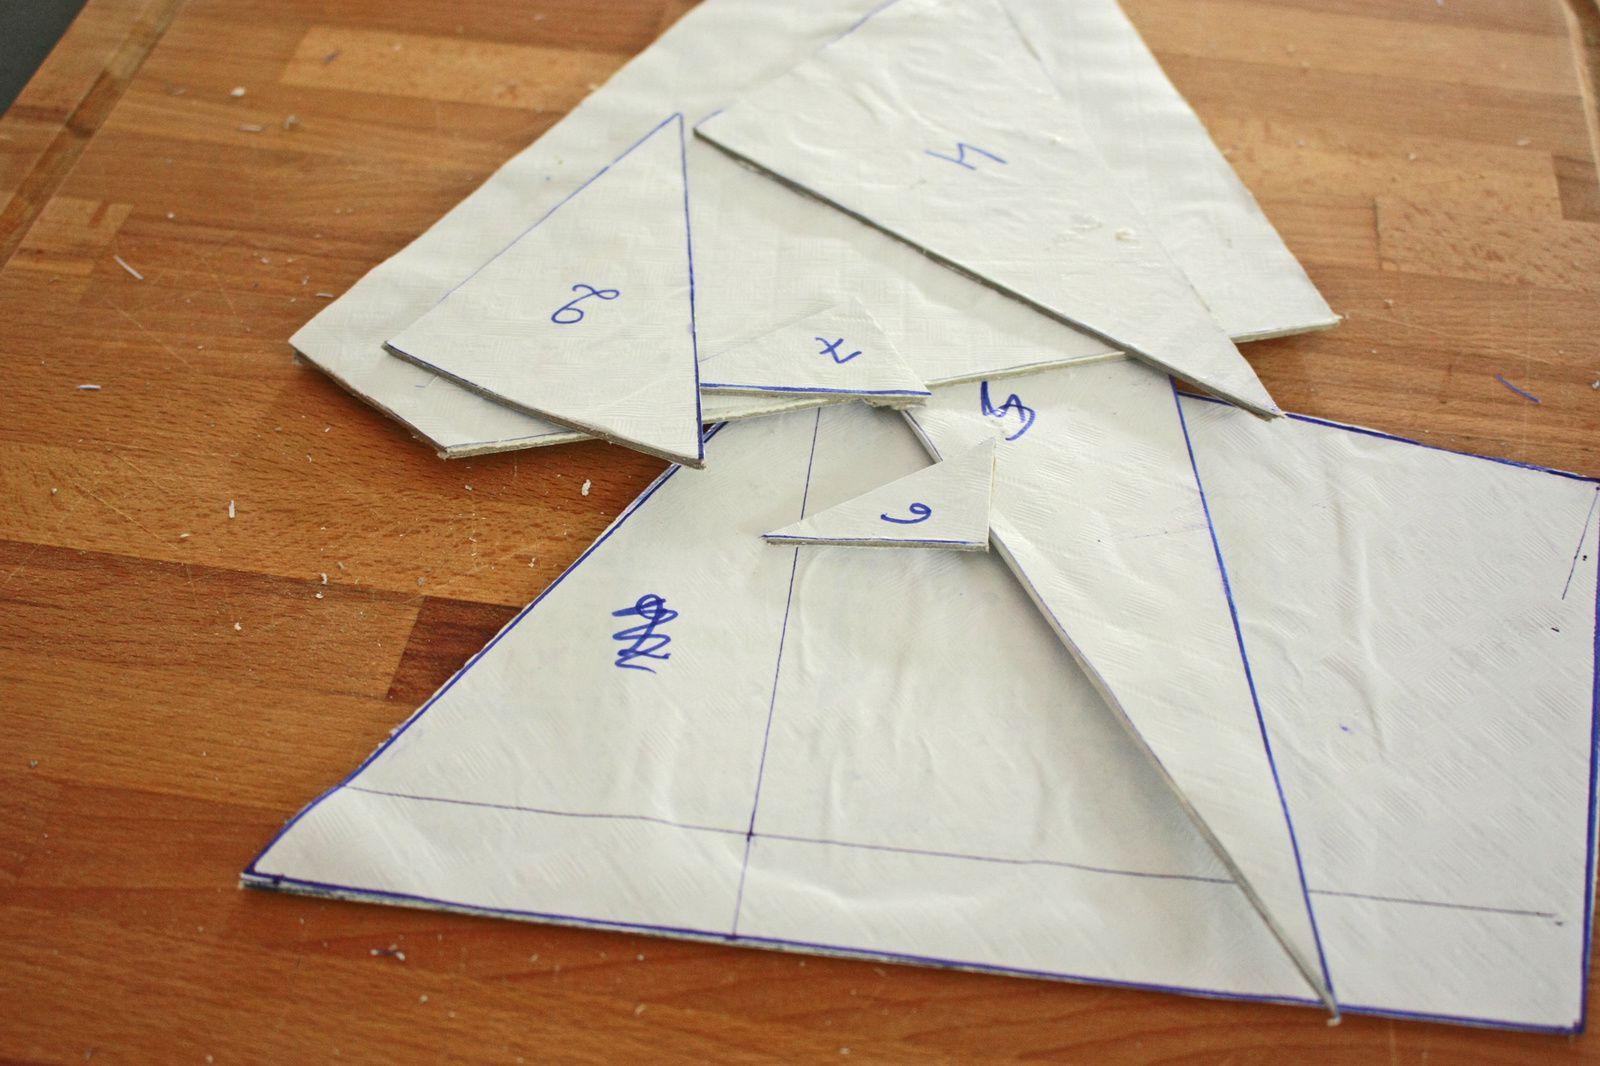 Des tangrams en déco murale ou oiseaux géants façon puzzle